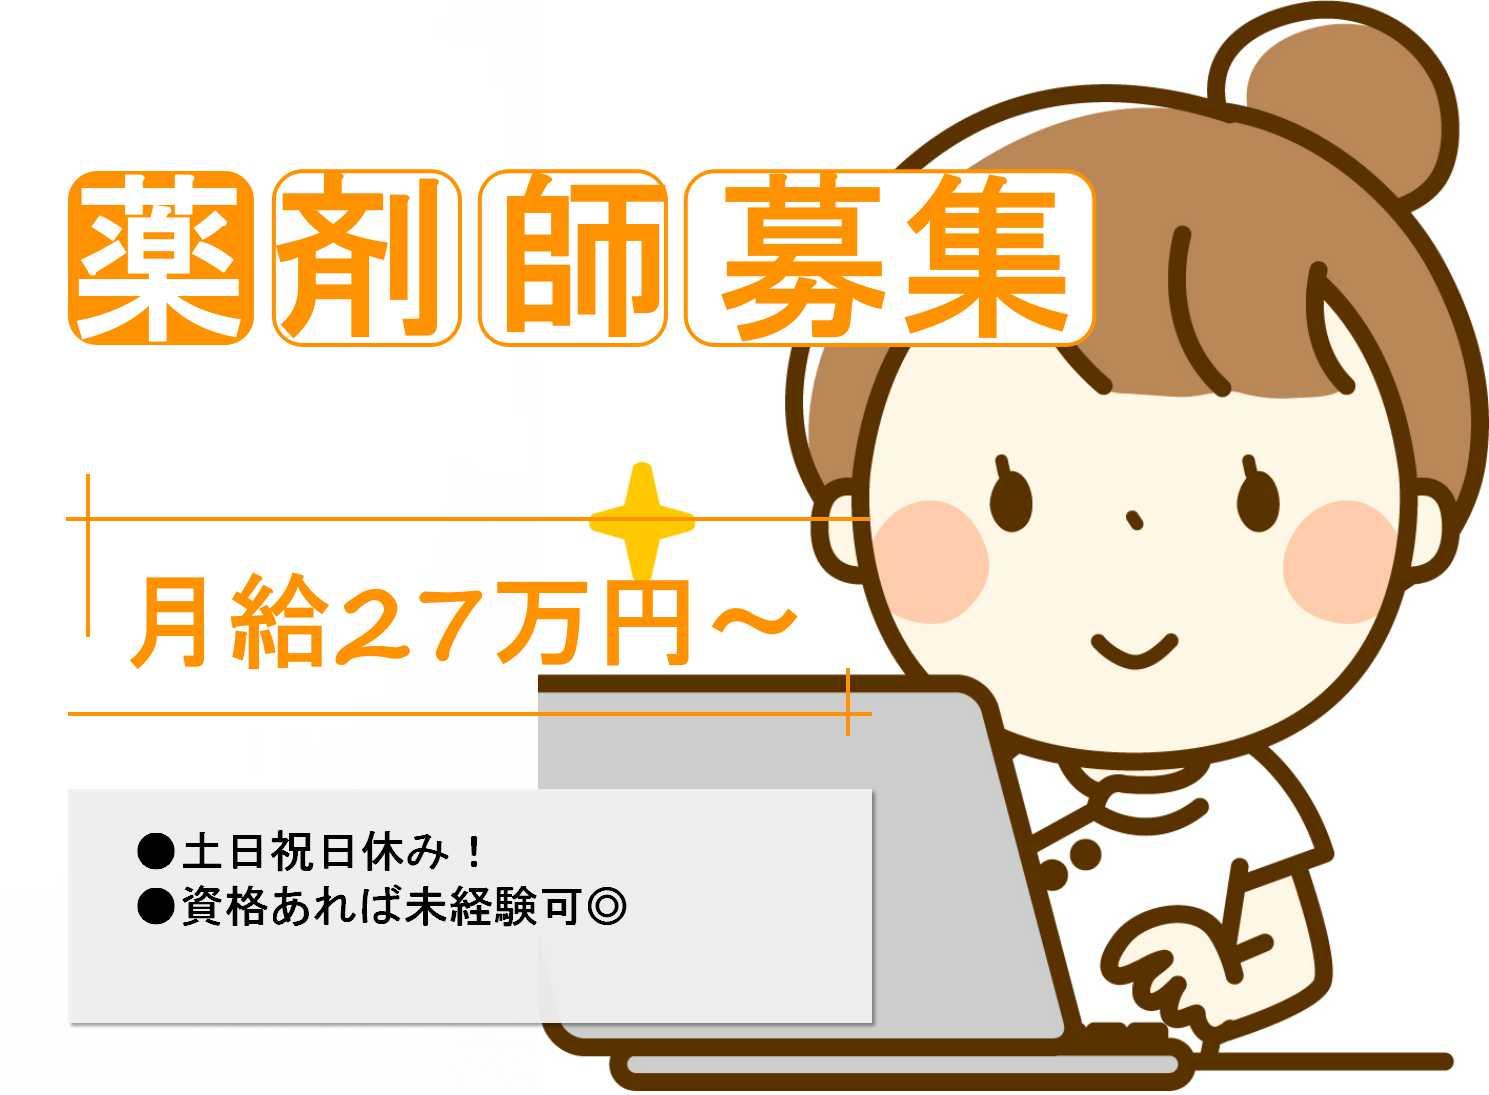 資格があれば未経験OK!月給27万円以上♪薬剤師募集【即面談可能】 イメージ